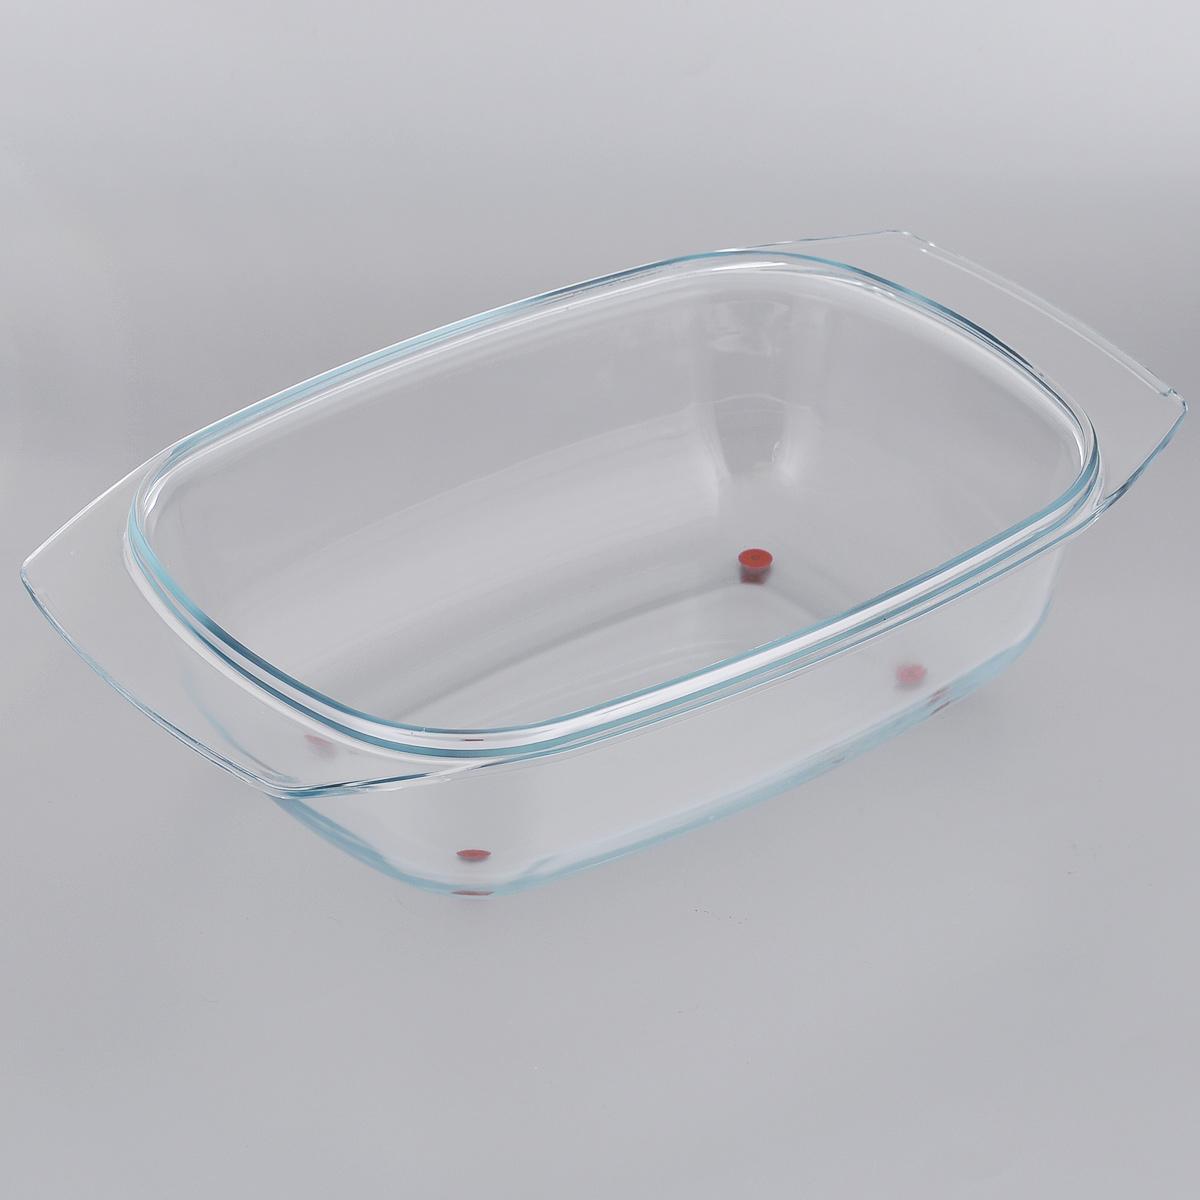 Жаровня Tescoma Delicia Glass, 42 х 26 см629081Массивная жаровня Tescoma Delicia Glass изготовлена из жаростойкого боросиликатного стекла. Основание жаровни оснащено ножками из высококачественного силикона, поэтому ее можно ставить прямо из духовки на стол без риска повреждения поверхности. Жаровня снабжена удобными ручками. Подходит для всех типов печей, холодильников и посудомоечных машин.